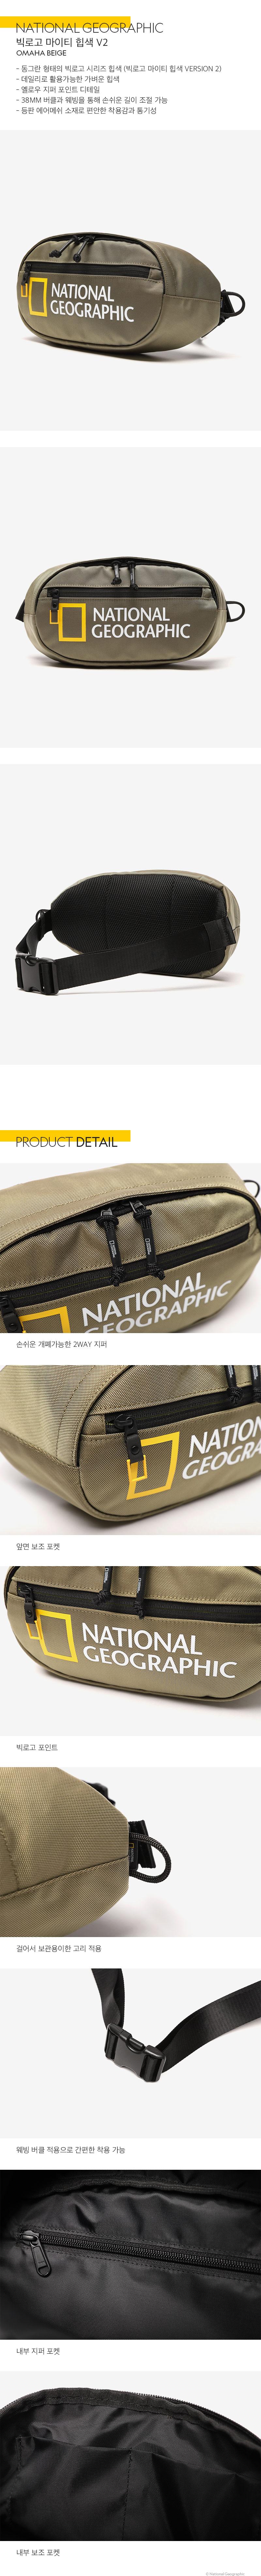 내셔널지오그래픽(NATIONALGEOGRAPHIC) N211AHI020 빅로고 마이티 힙색 V2 OMAHA BEIGE